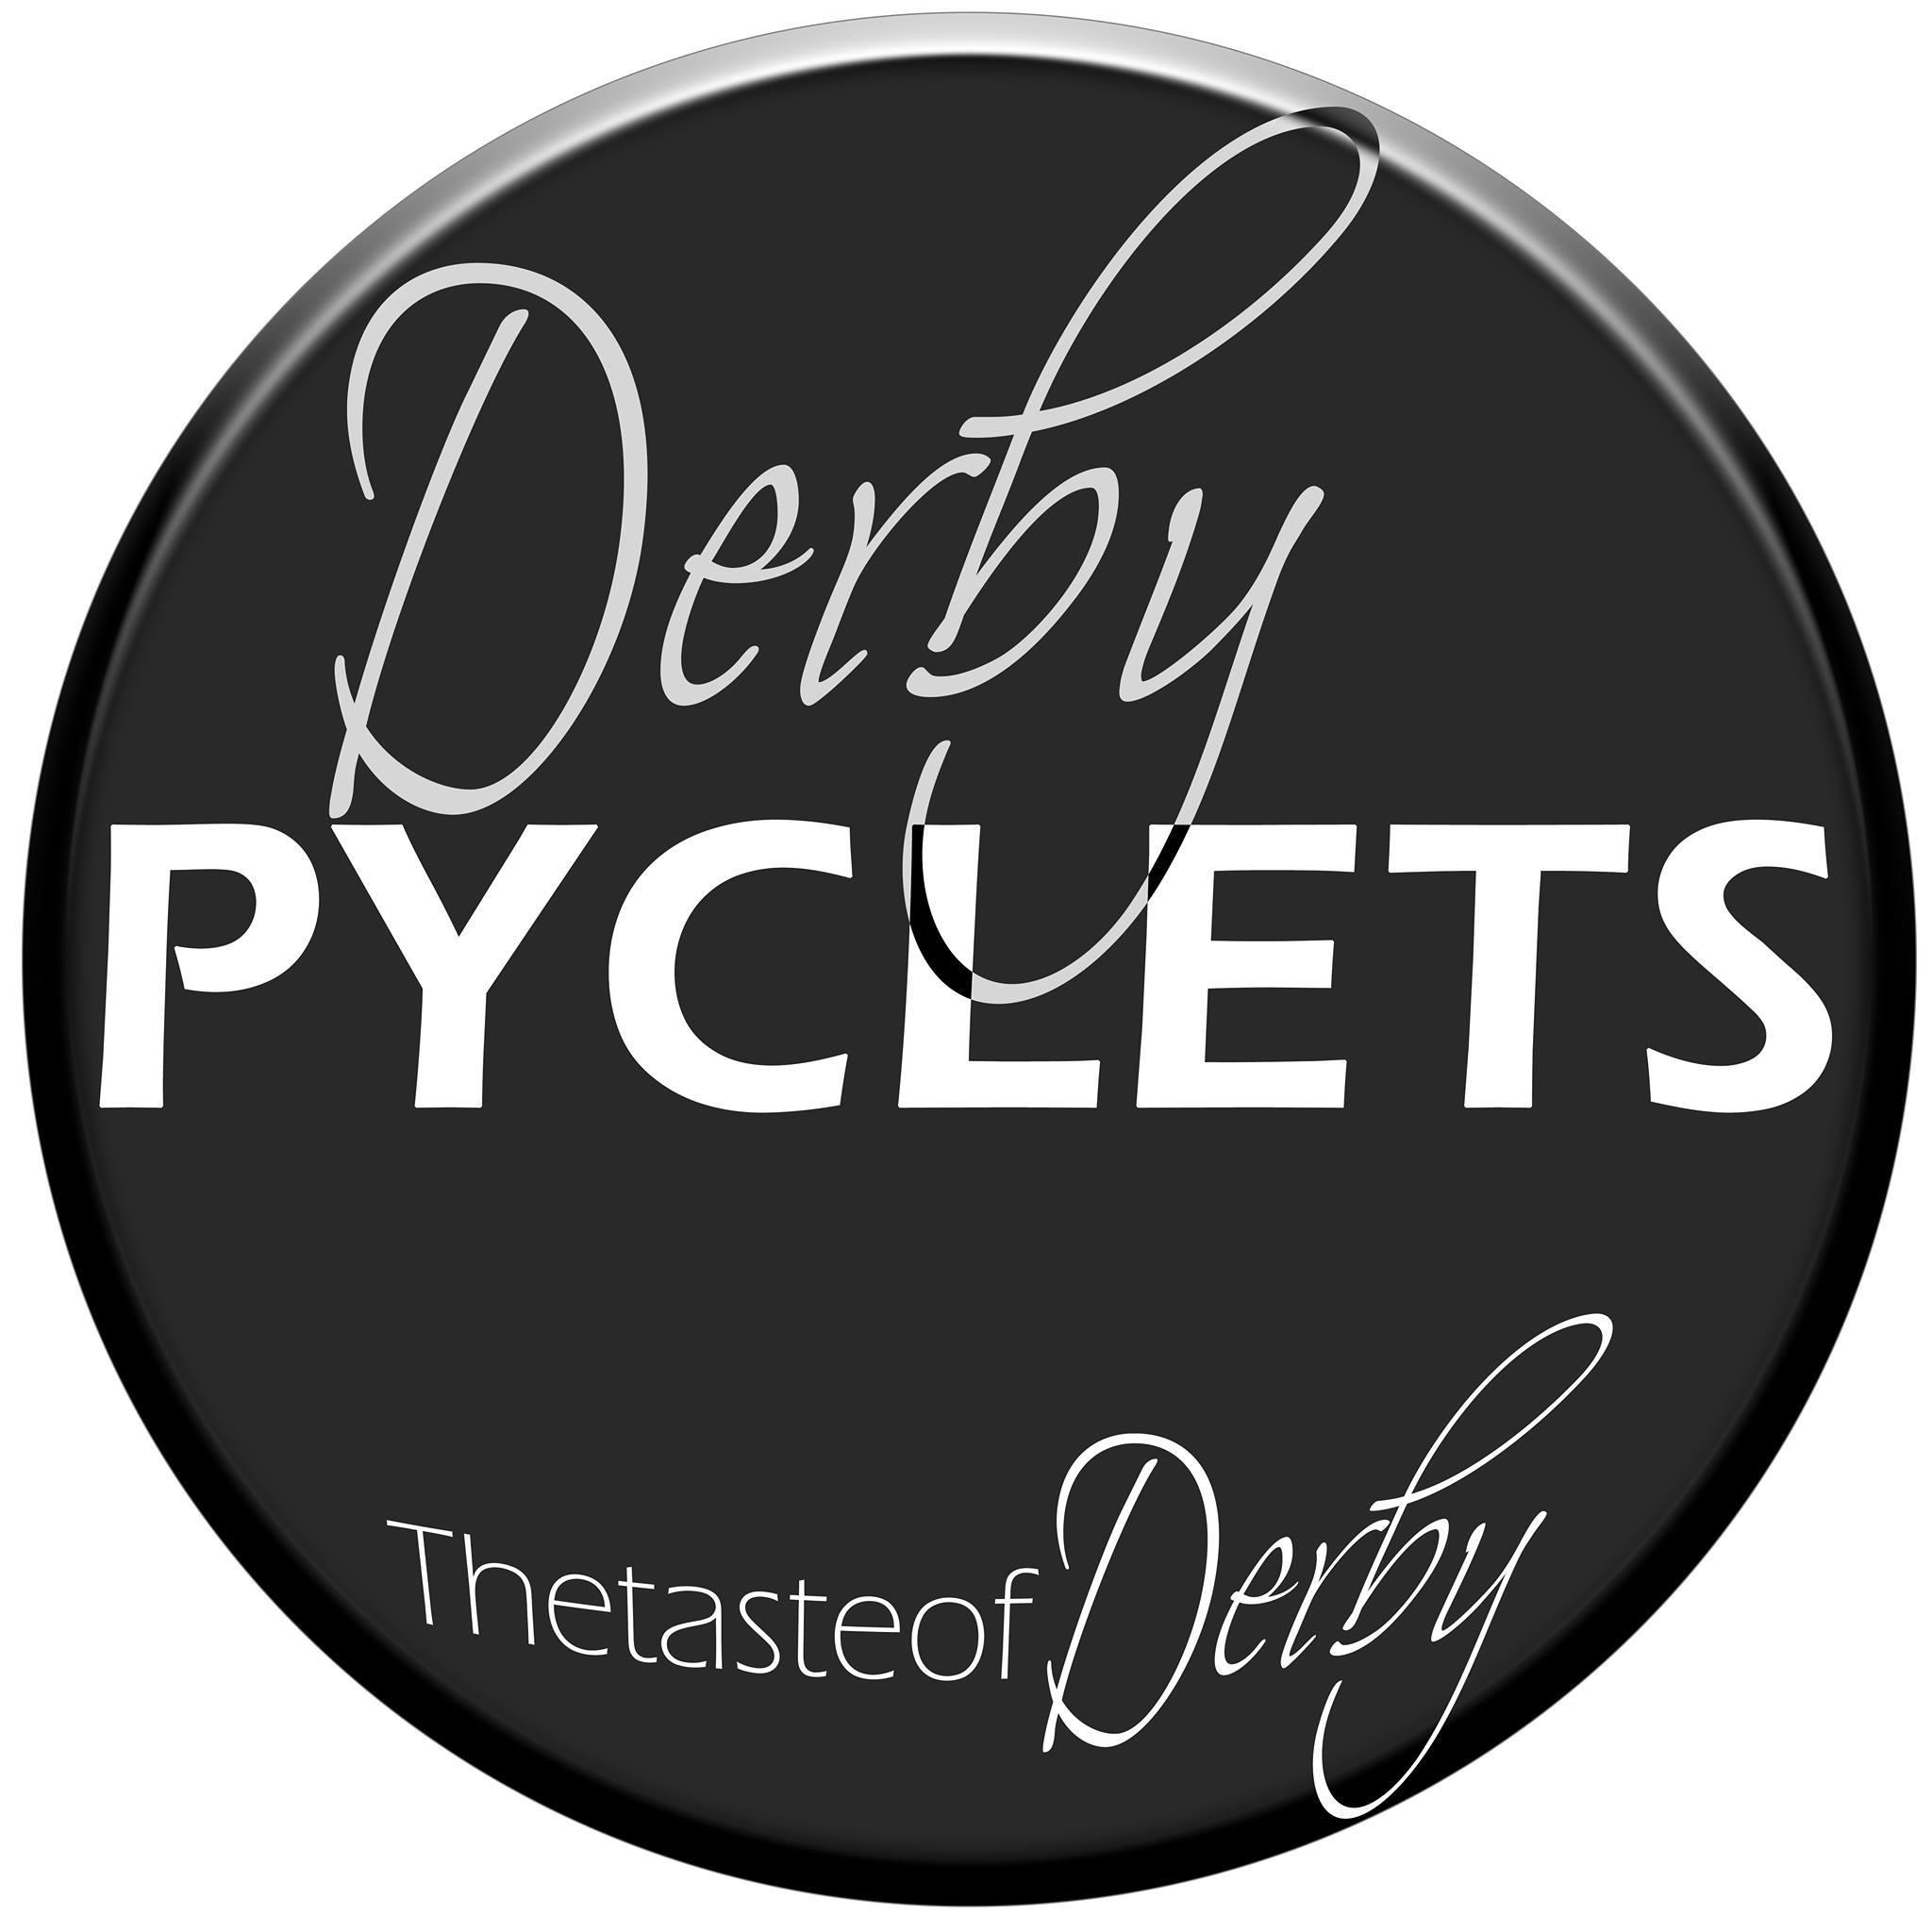 Pyclet Parlour